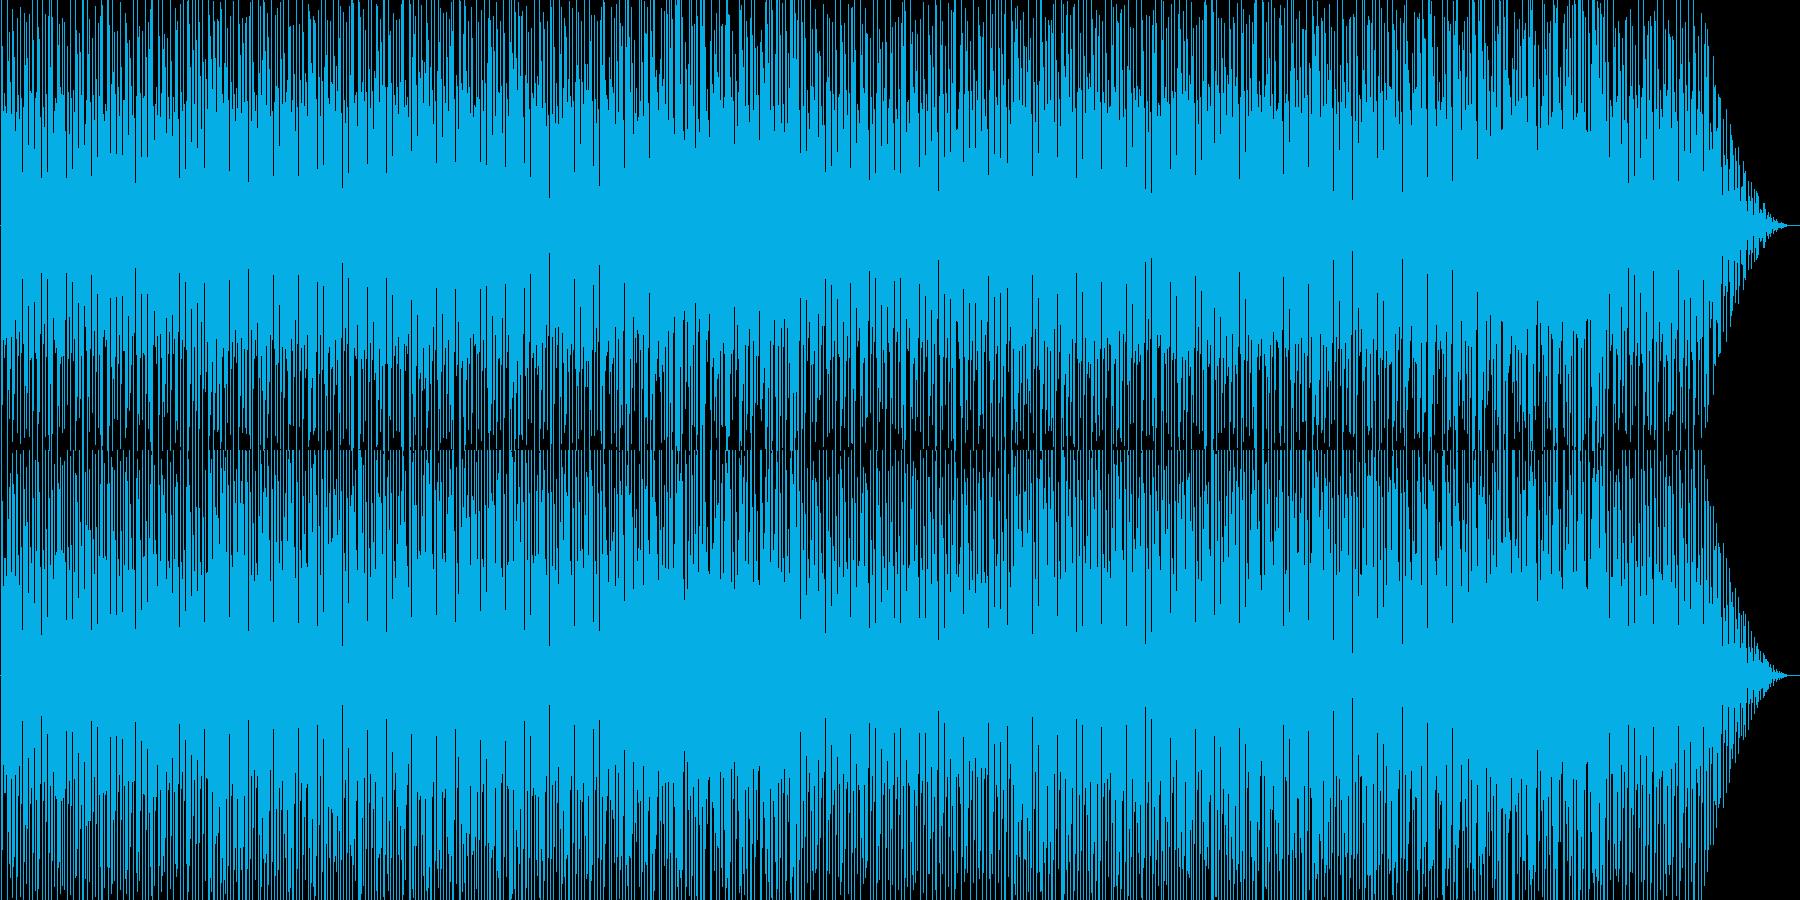 明るく躍動感あるテクノの再生済みの波形